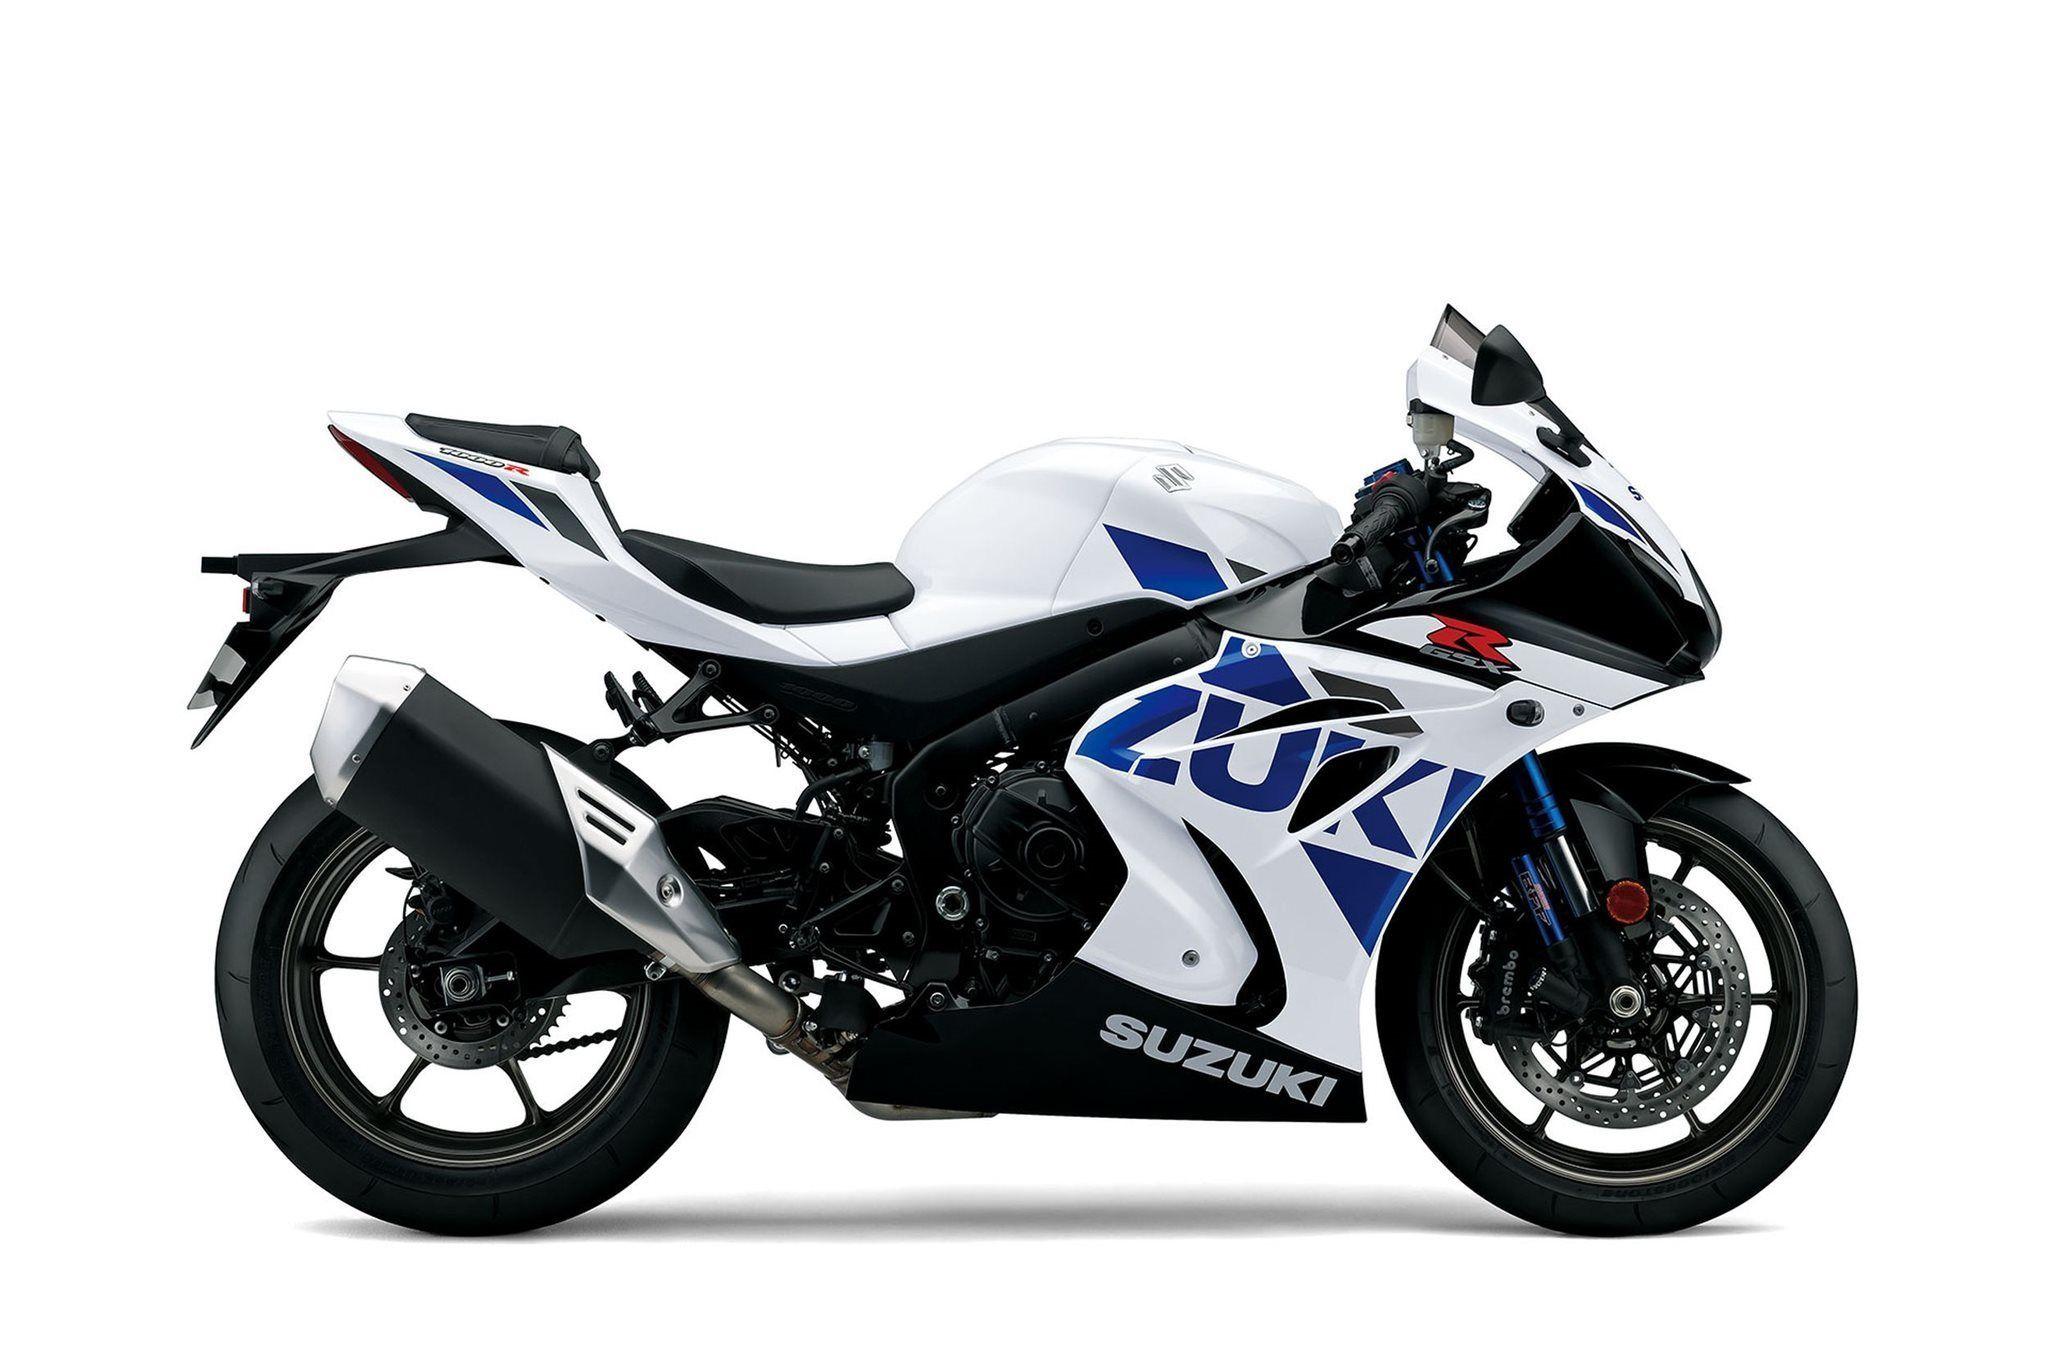 Neumotorrad Suzuki Gsx R 1000 R Baujahr 2020 Preis 17 000 00 Eur Aus Schleswig Holstein In 2020 Suzuki Gsx R 1000 Suzuki Gsx R Suzuki Gsx